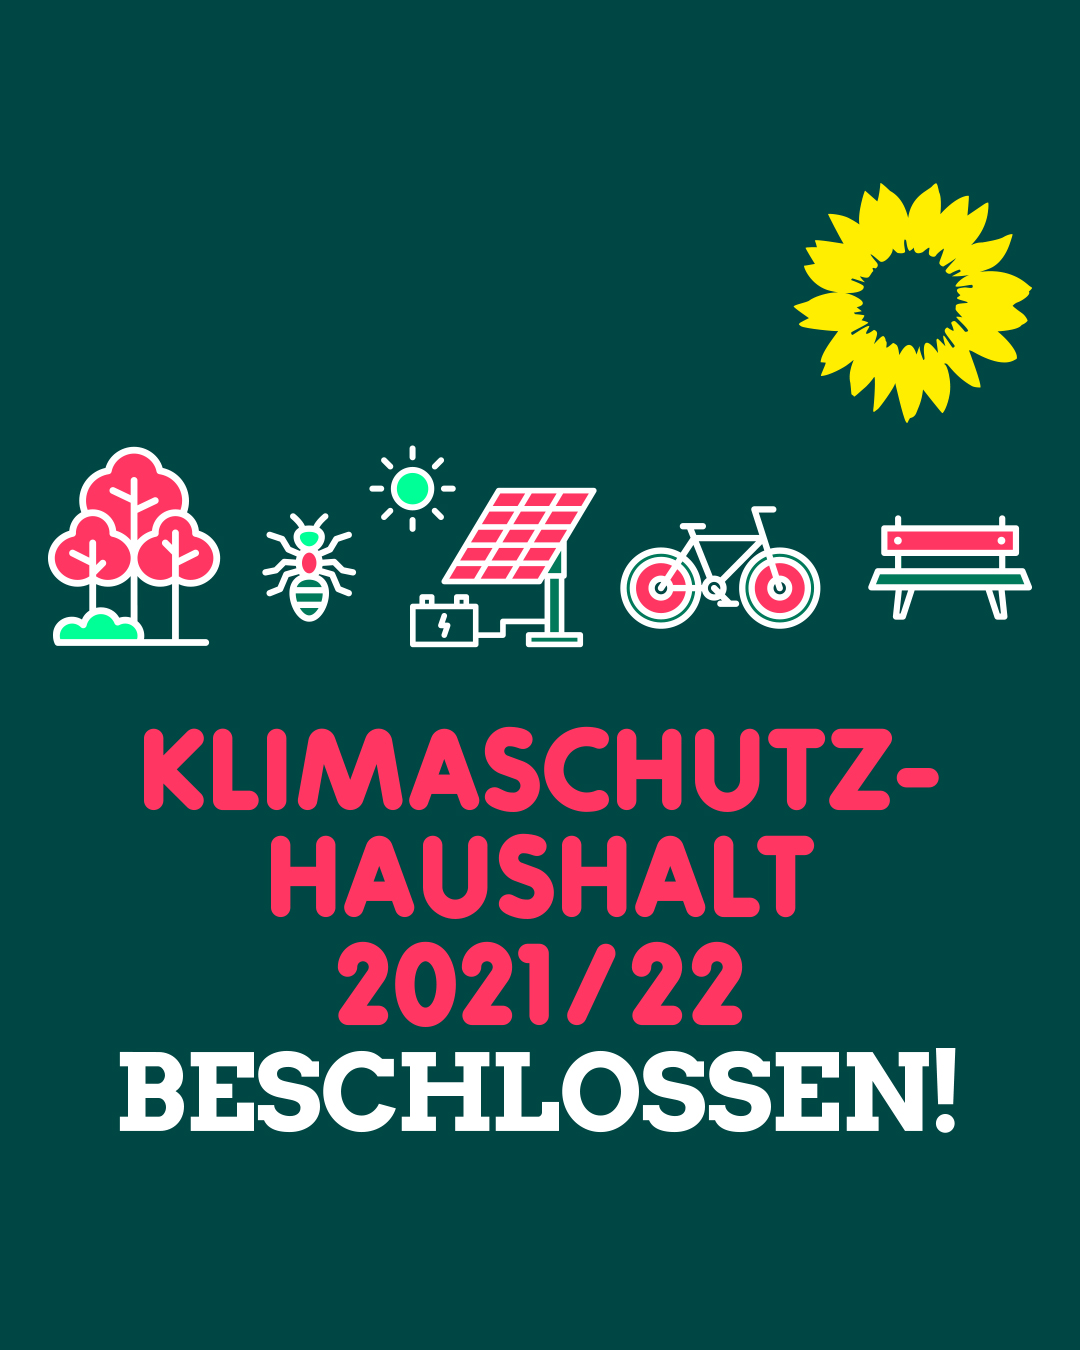 GRUENE-HD_Klimaschutzkampagne-2021_S-M_Klimaschutzhaushalt-01_21_06_rz